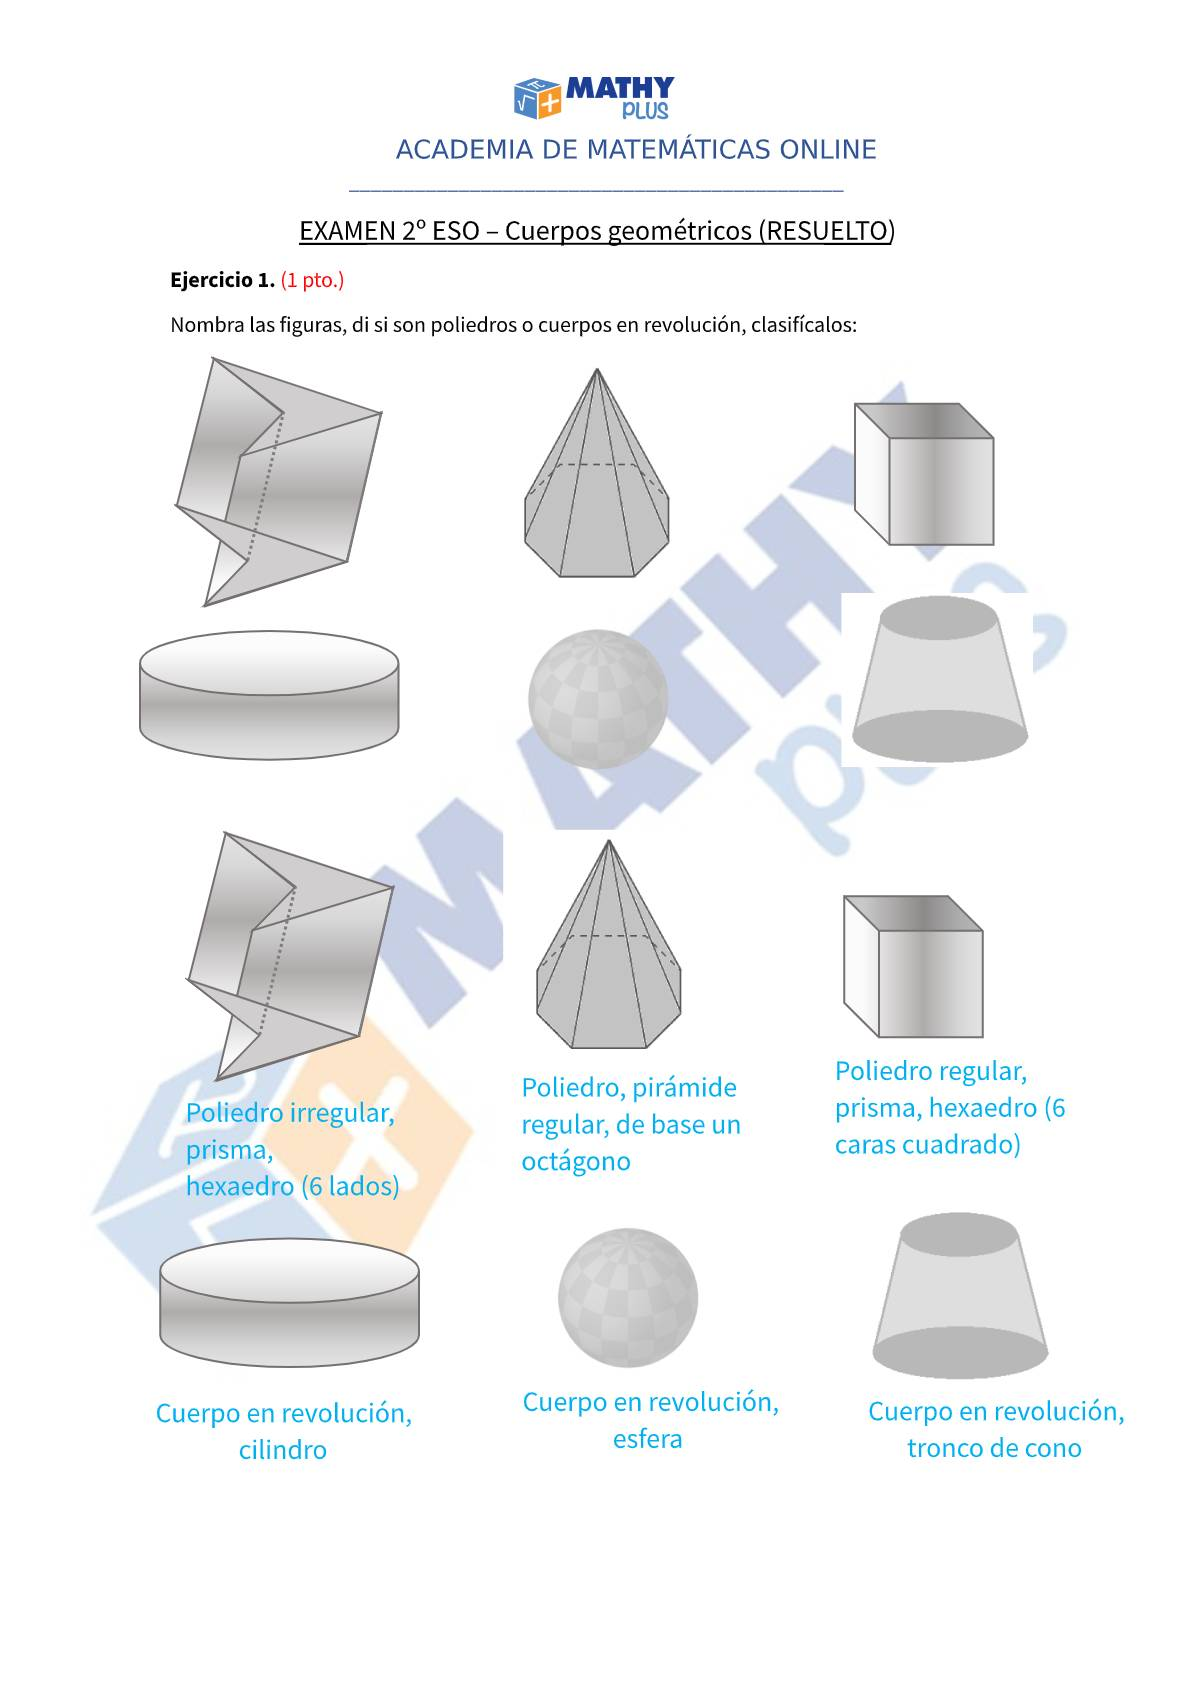 Examen resuelto cuerpos geométricos